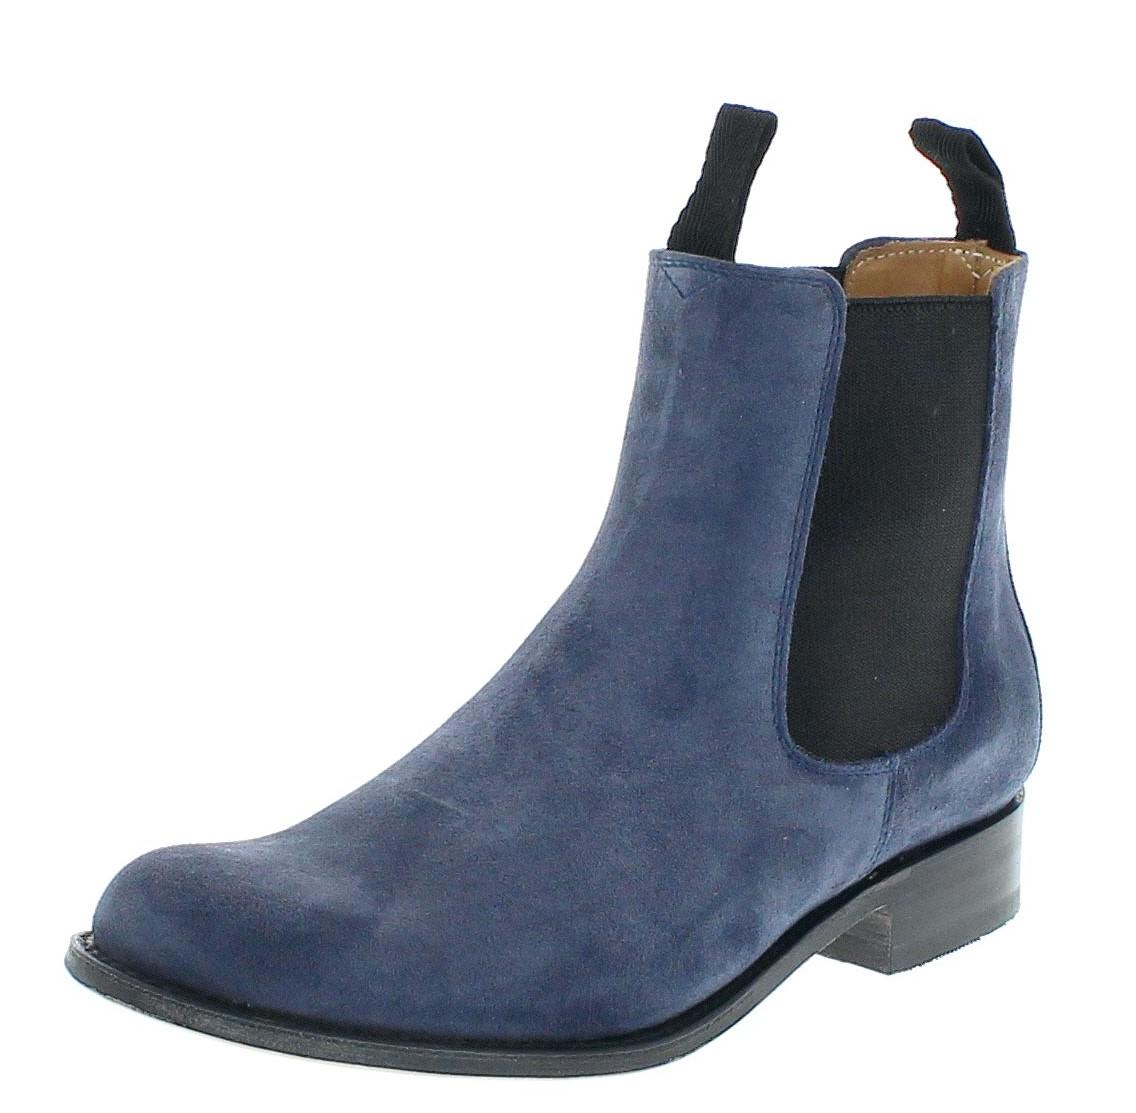 Sendra Boots 5595 Vesuvio Chelsea ankle boot - blue